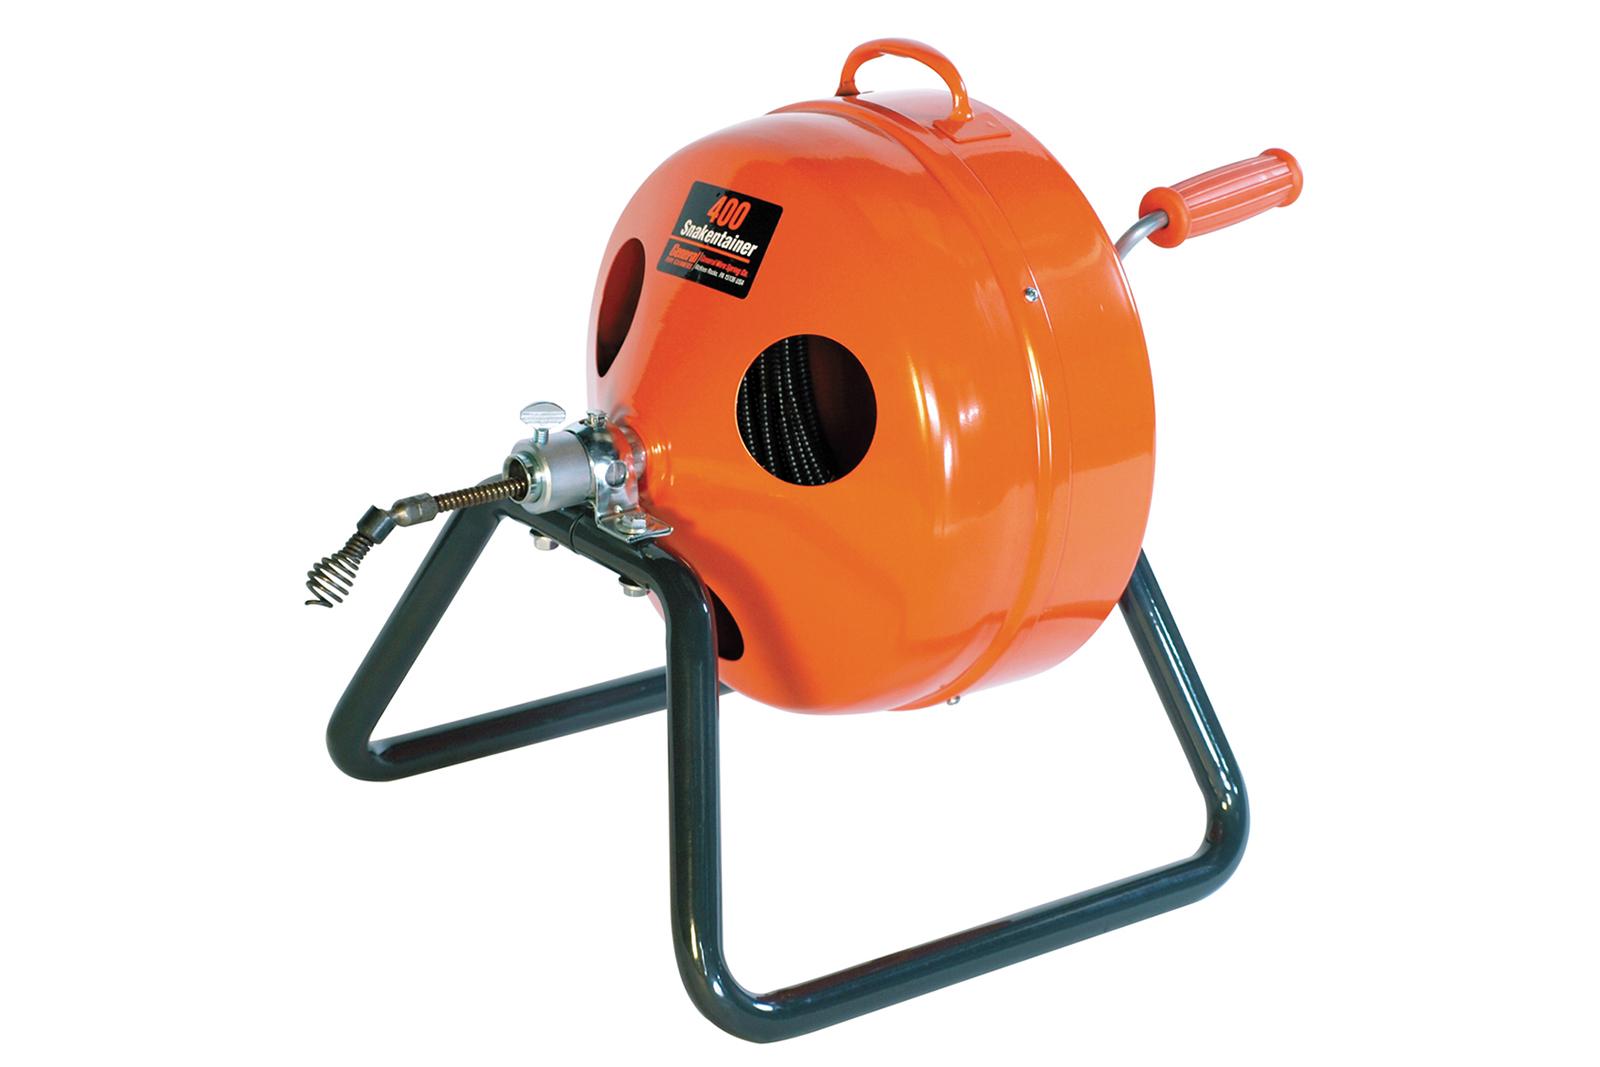 Фото - Прочистная машина General pipe 450fl2 стиральная машина hansa whp 6101 d3w класс a загр фронтальная макс 6кг